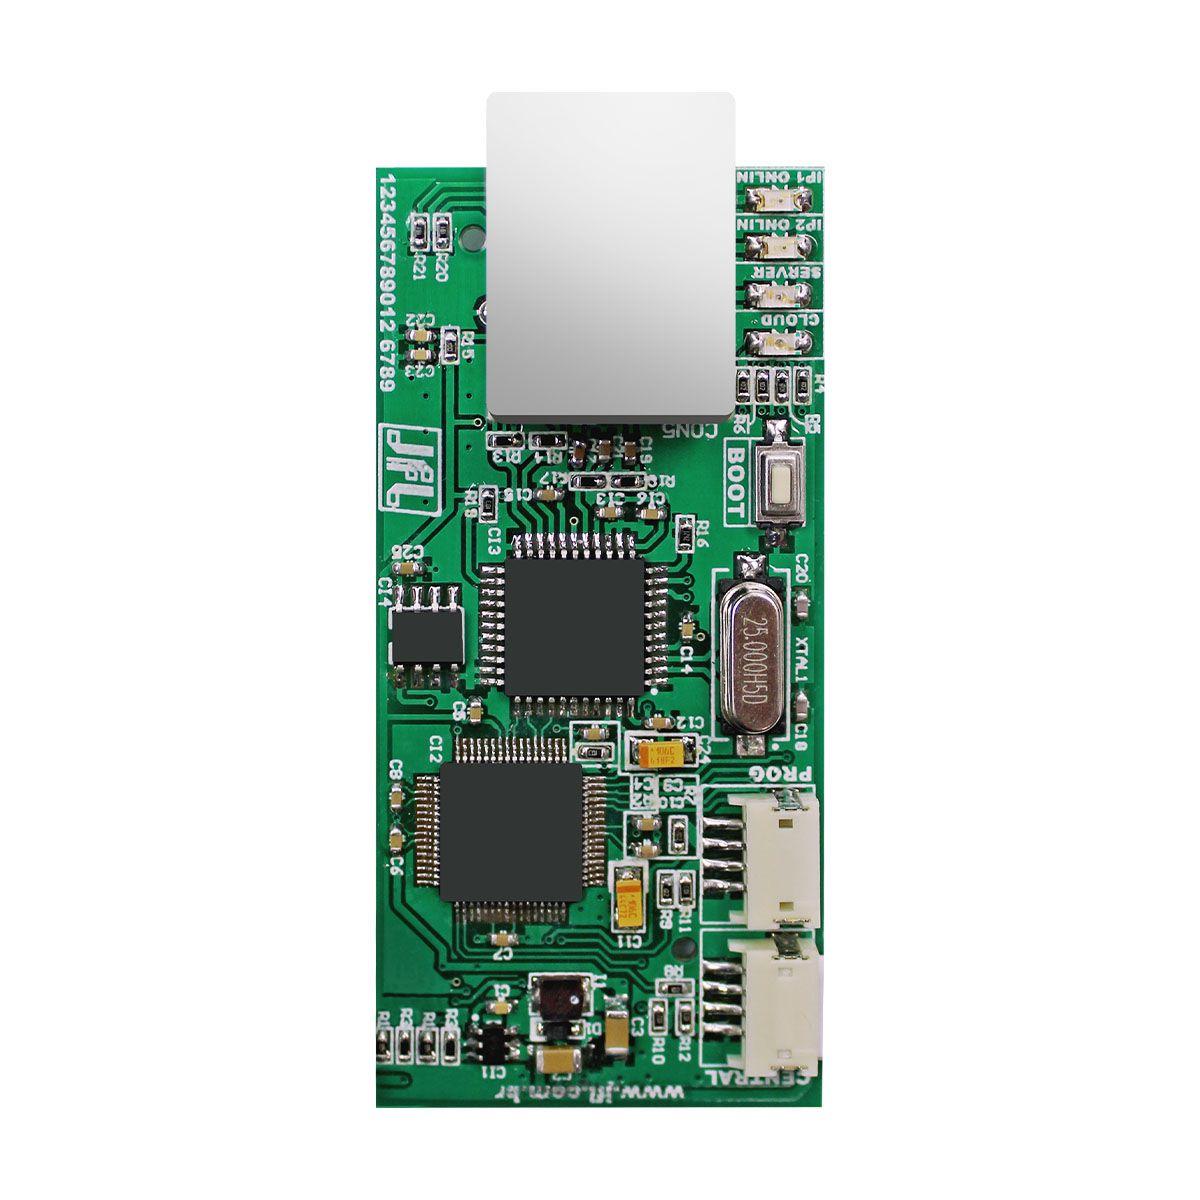 Kit Cerca Eletrica Ecr 18 Plus Jfl 130mts Com Big Haste e Aplicativo